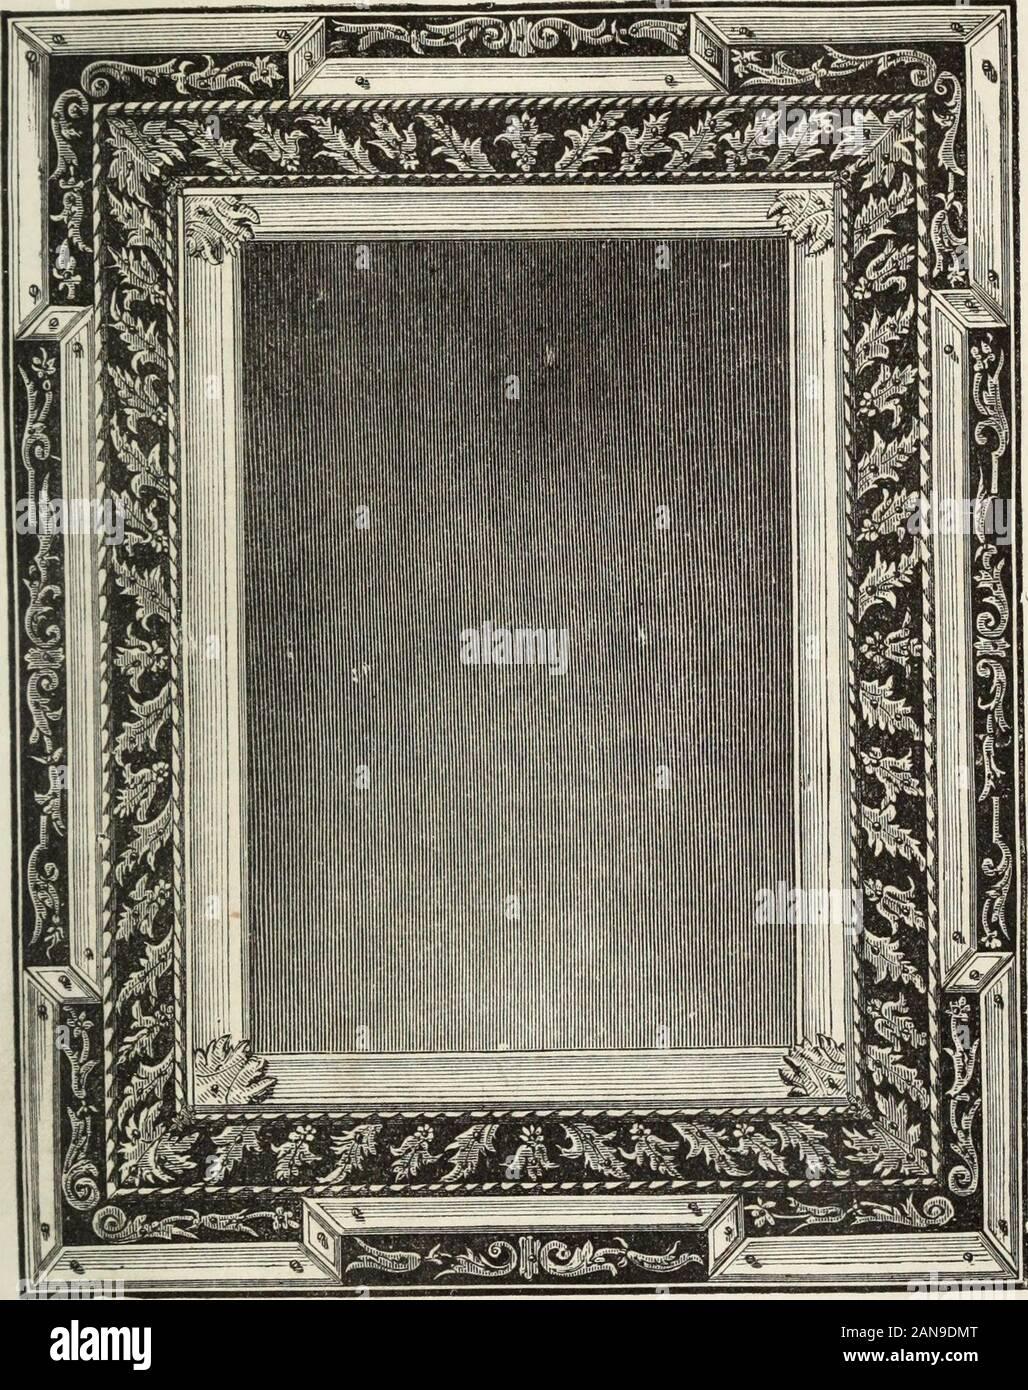 Cadre photo cadre photo bois massif Linde étroit 20 x 30 en différentes couleurs